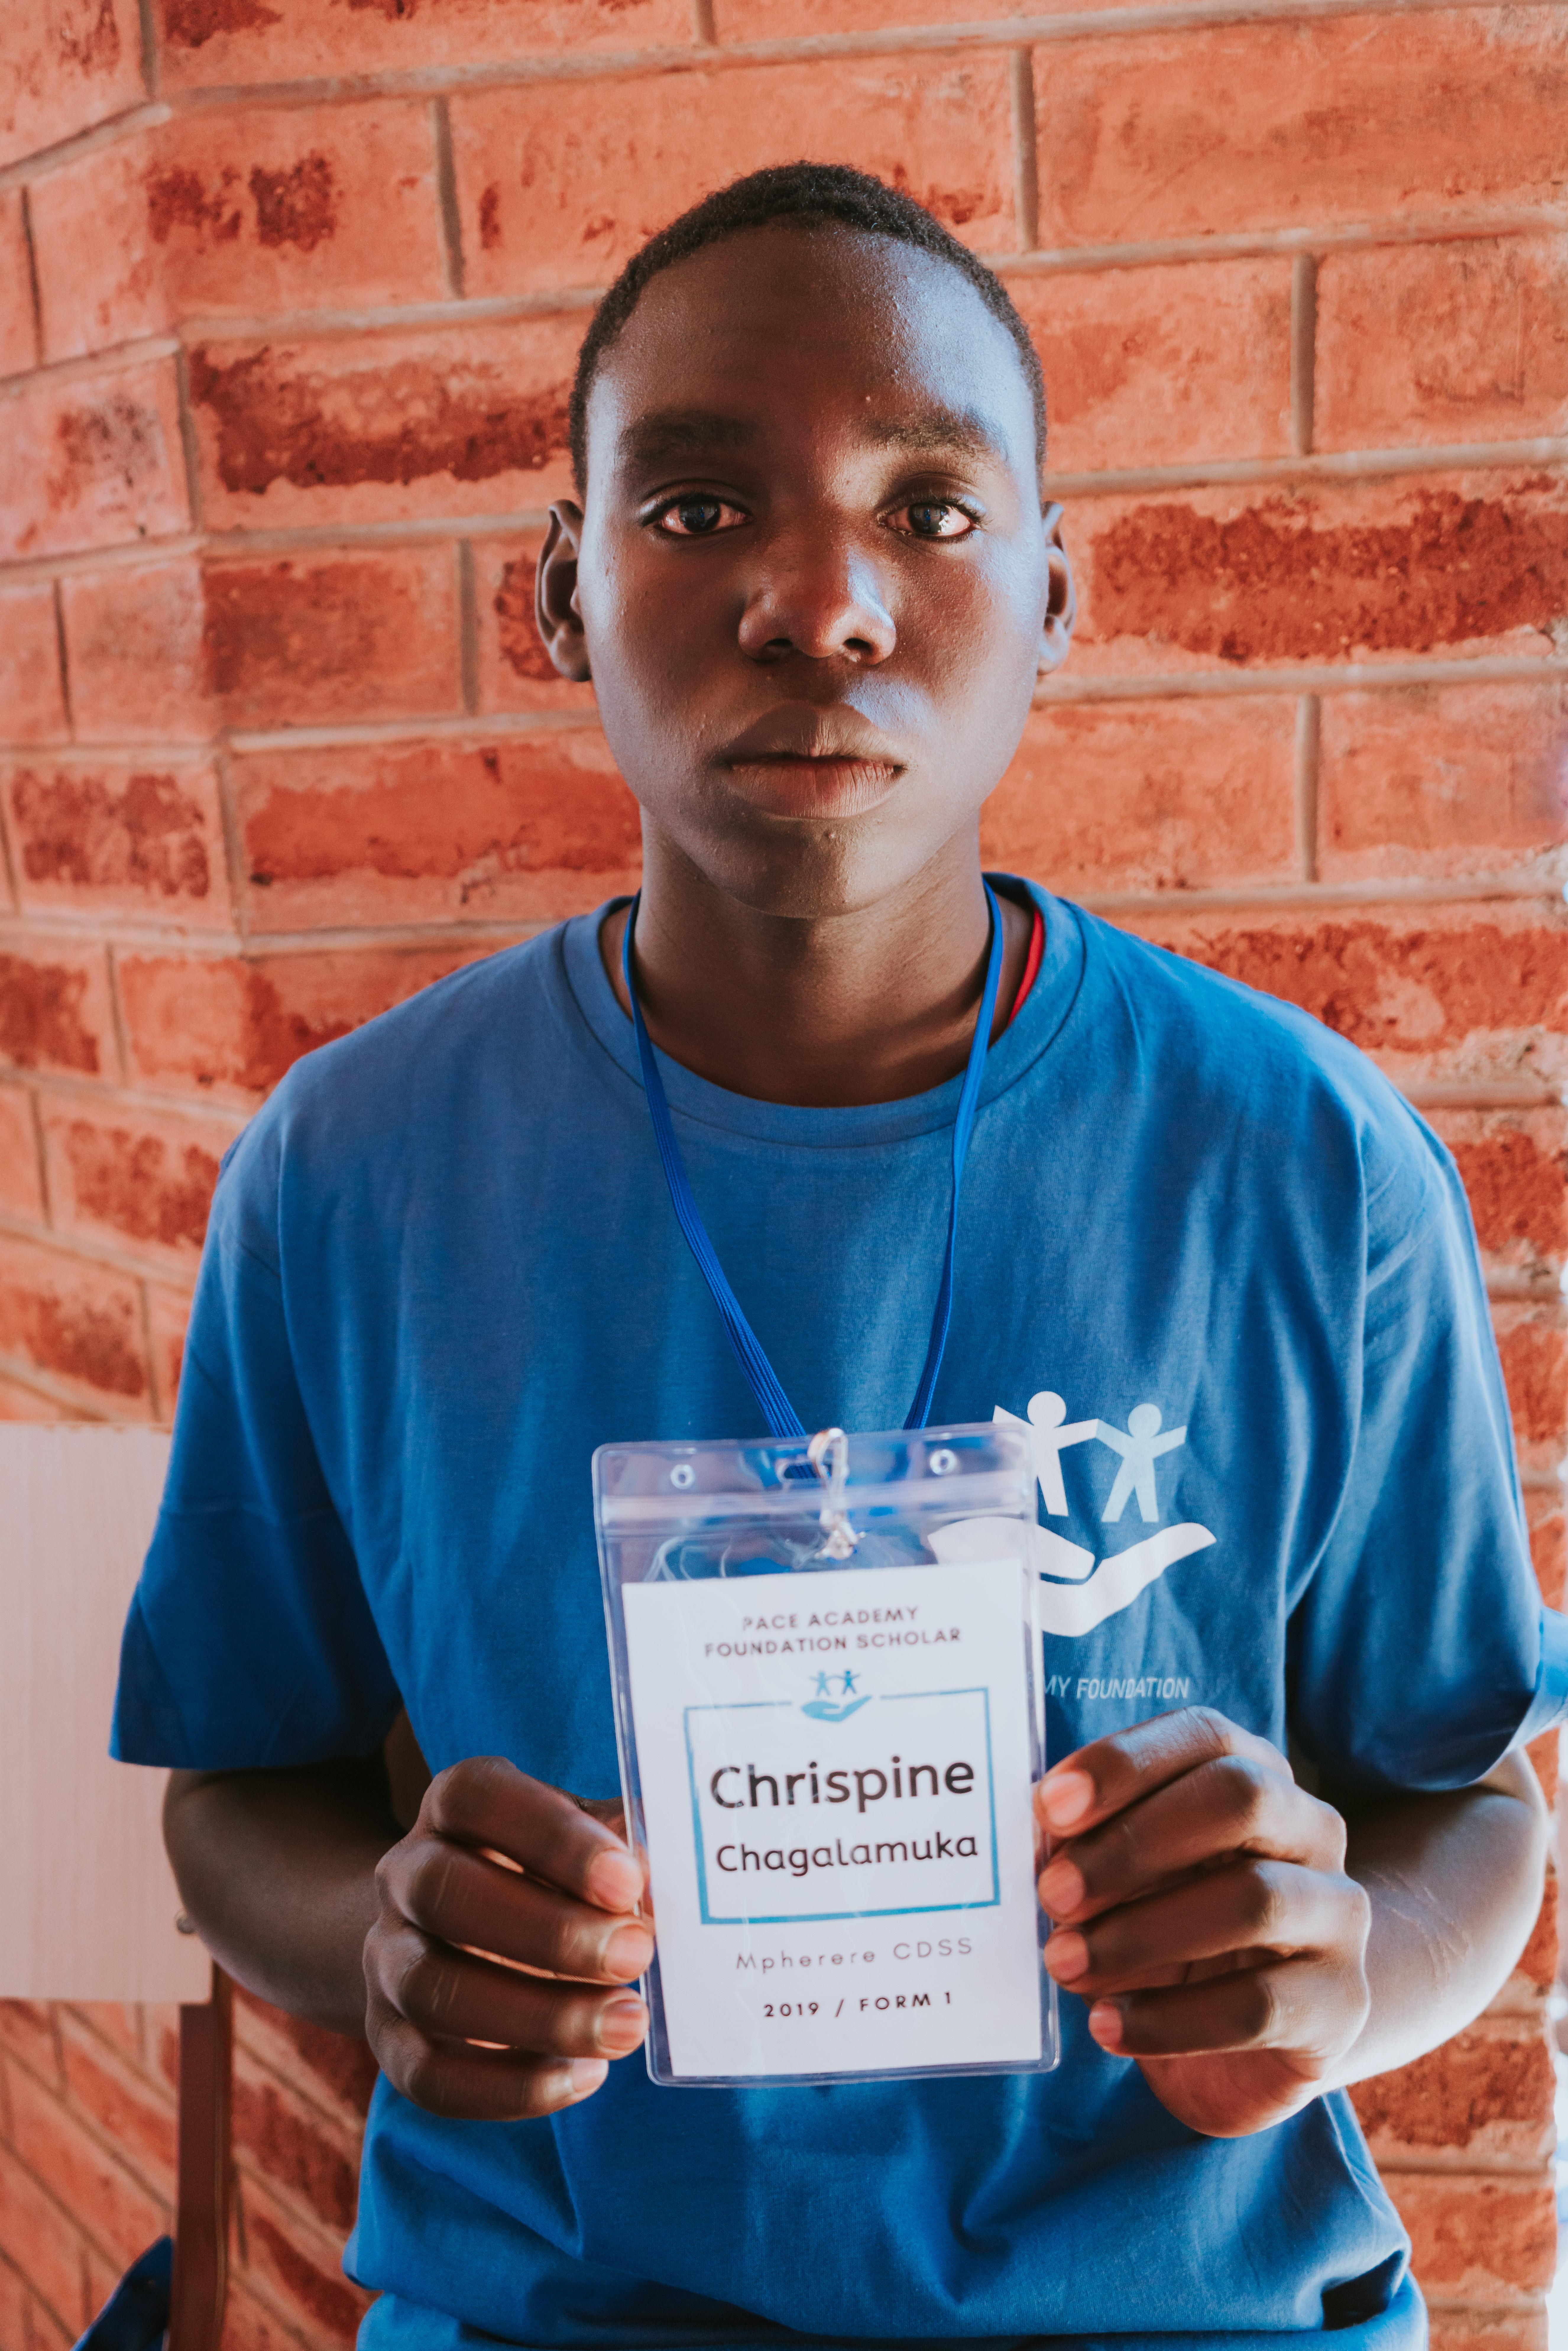 Chrispine Chagalamuka (Mpherere CDSS)